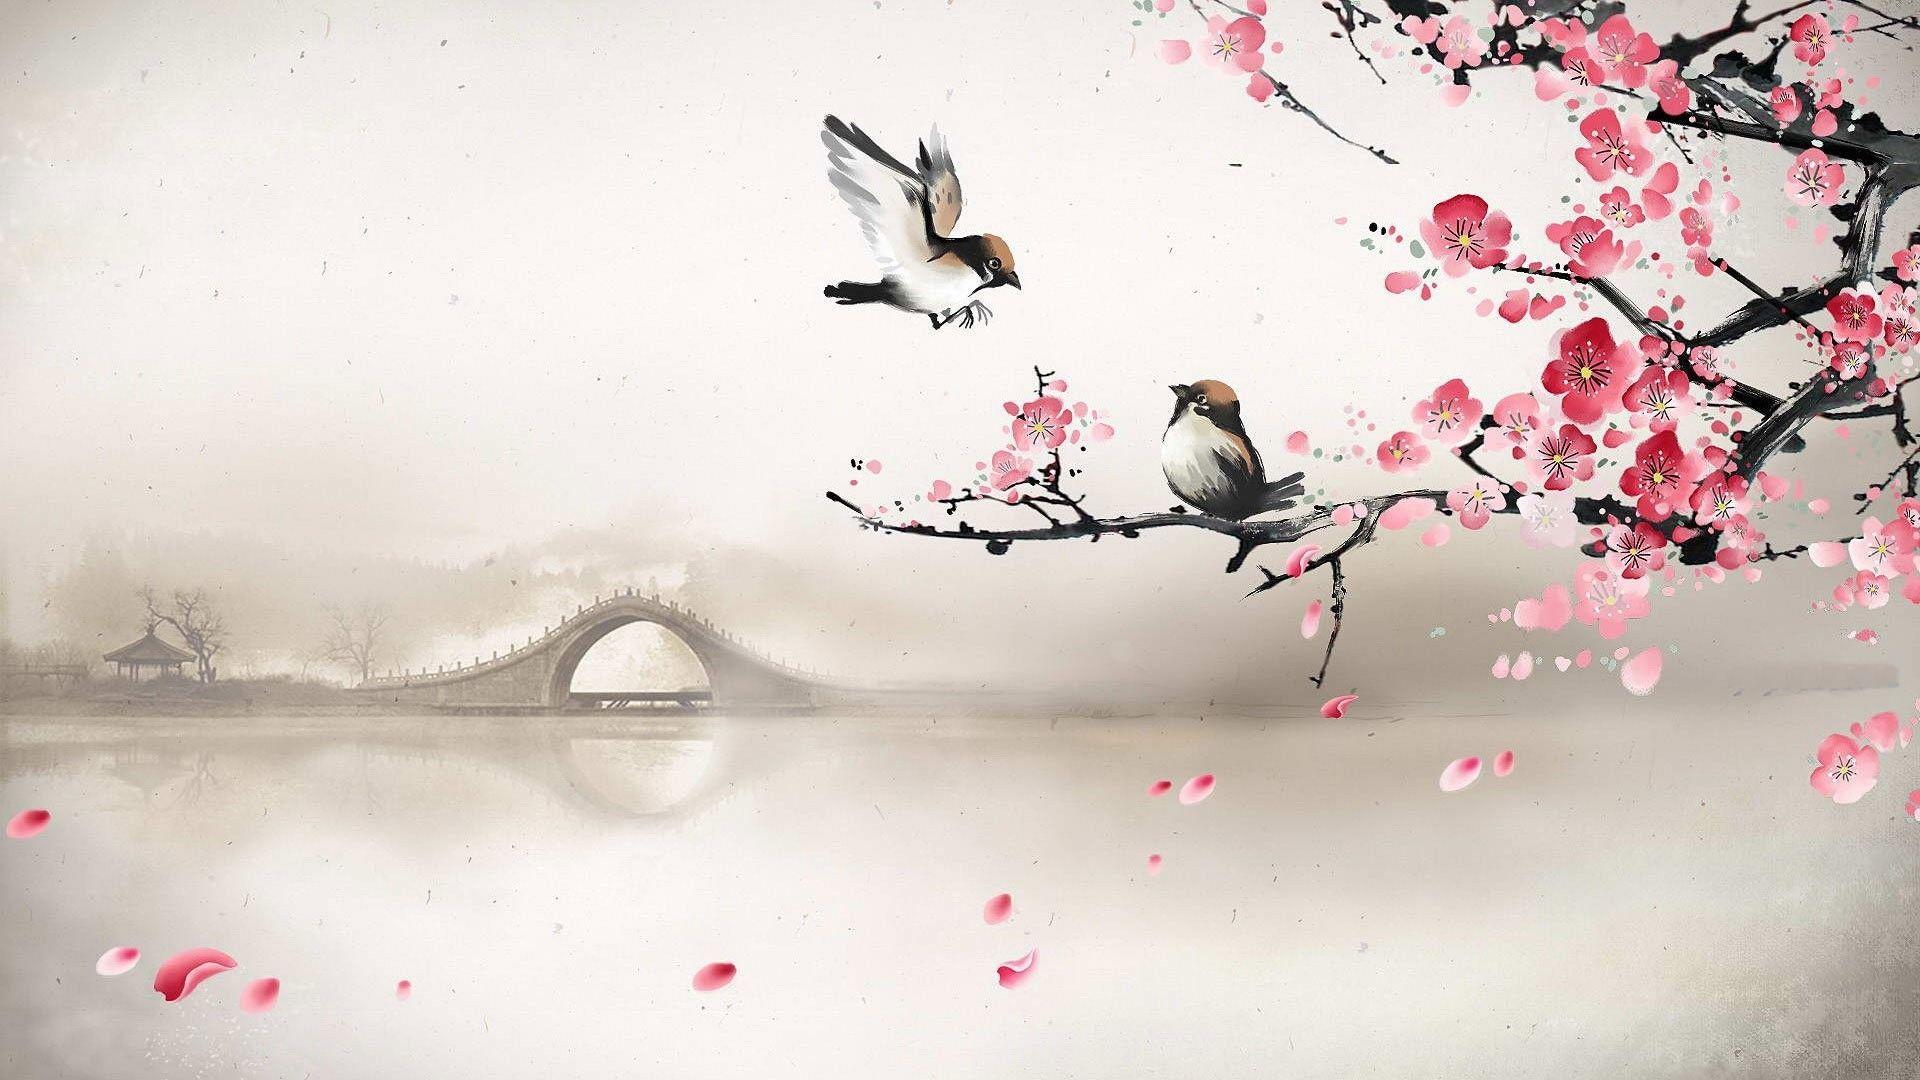 Asian Bird Art Wallpapers   Top Asian Bird Art Backgrounds 1920x1080